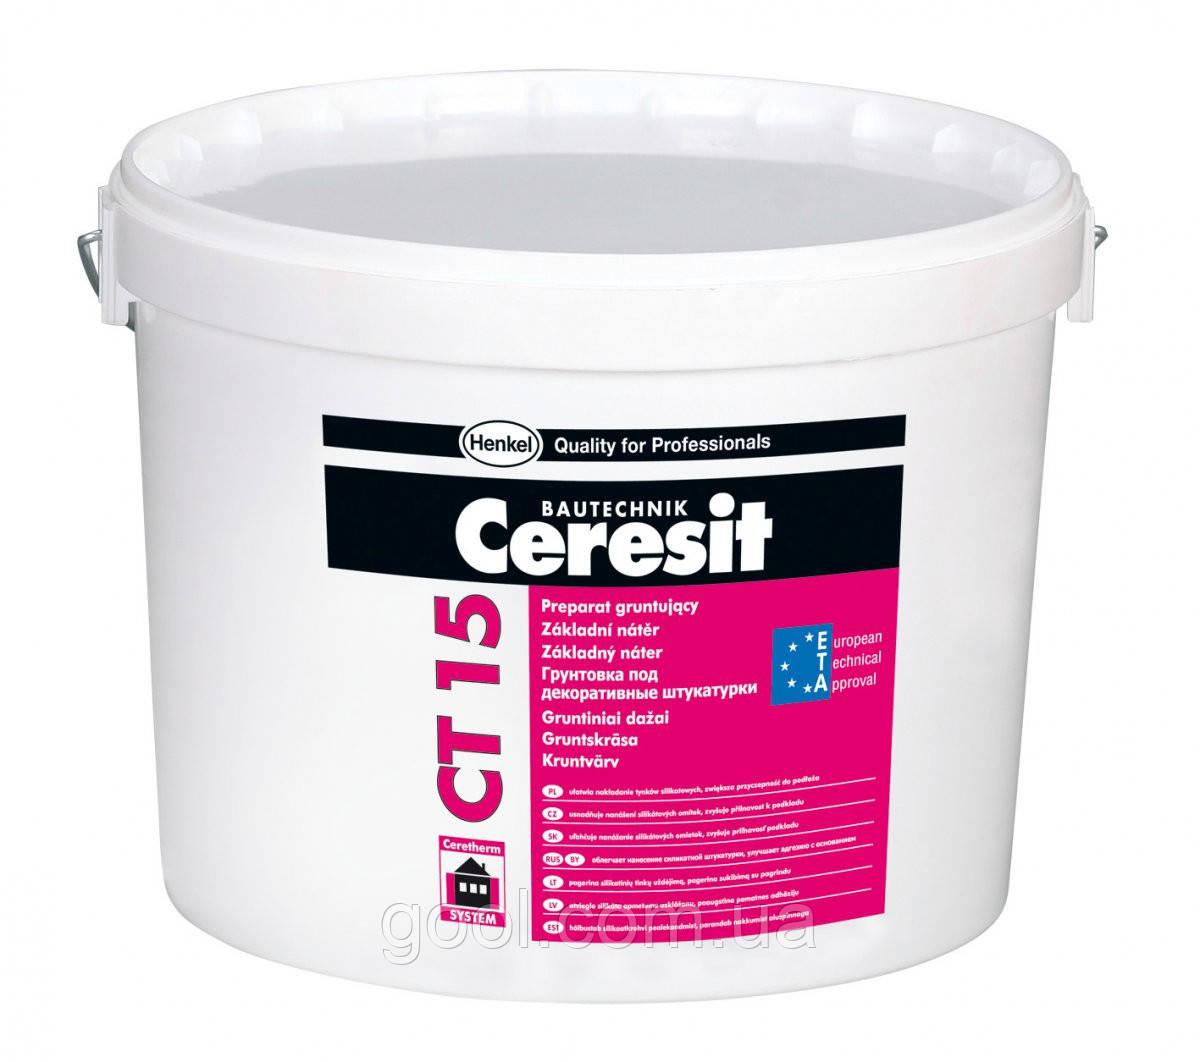 Грунтовка под декоративную штукатурку Ceresit CT 15 silicone ведро 15 кг